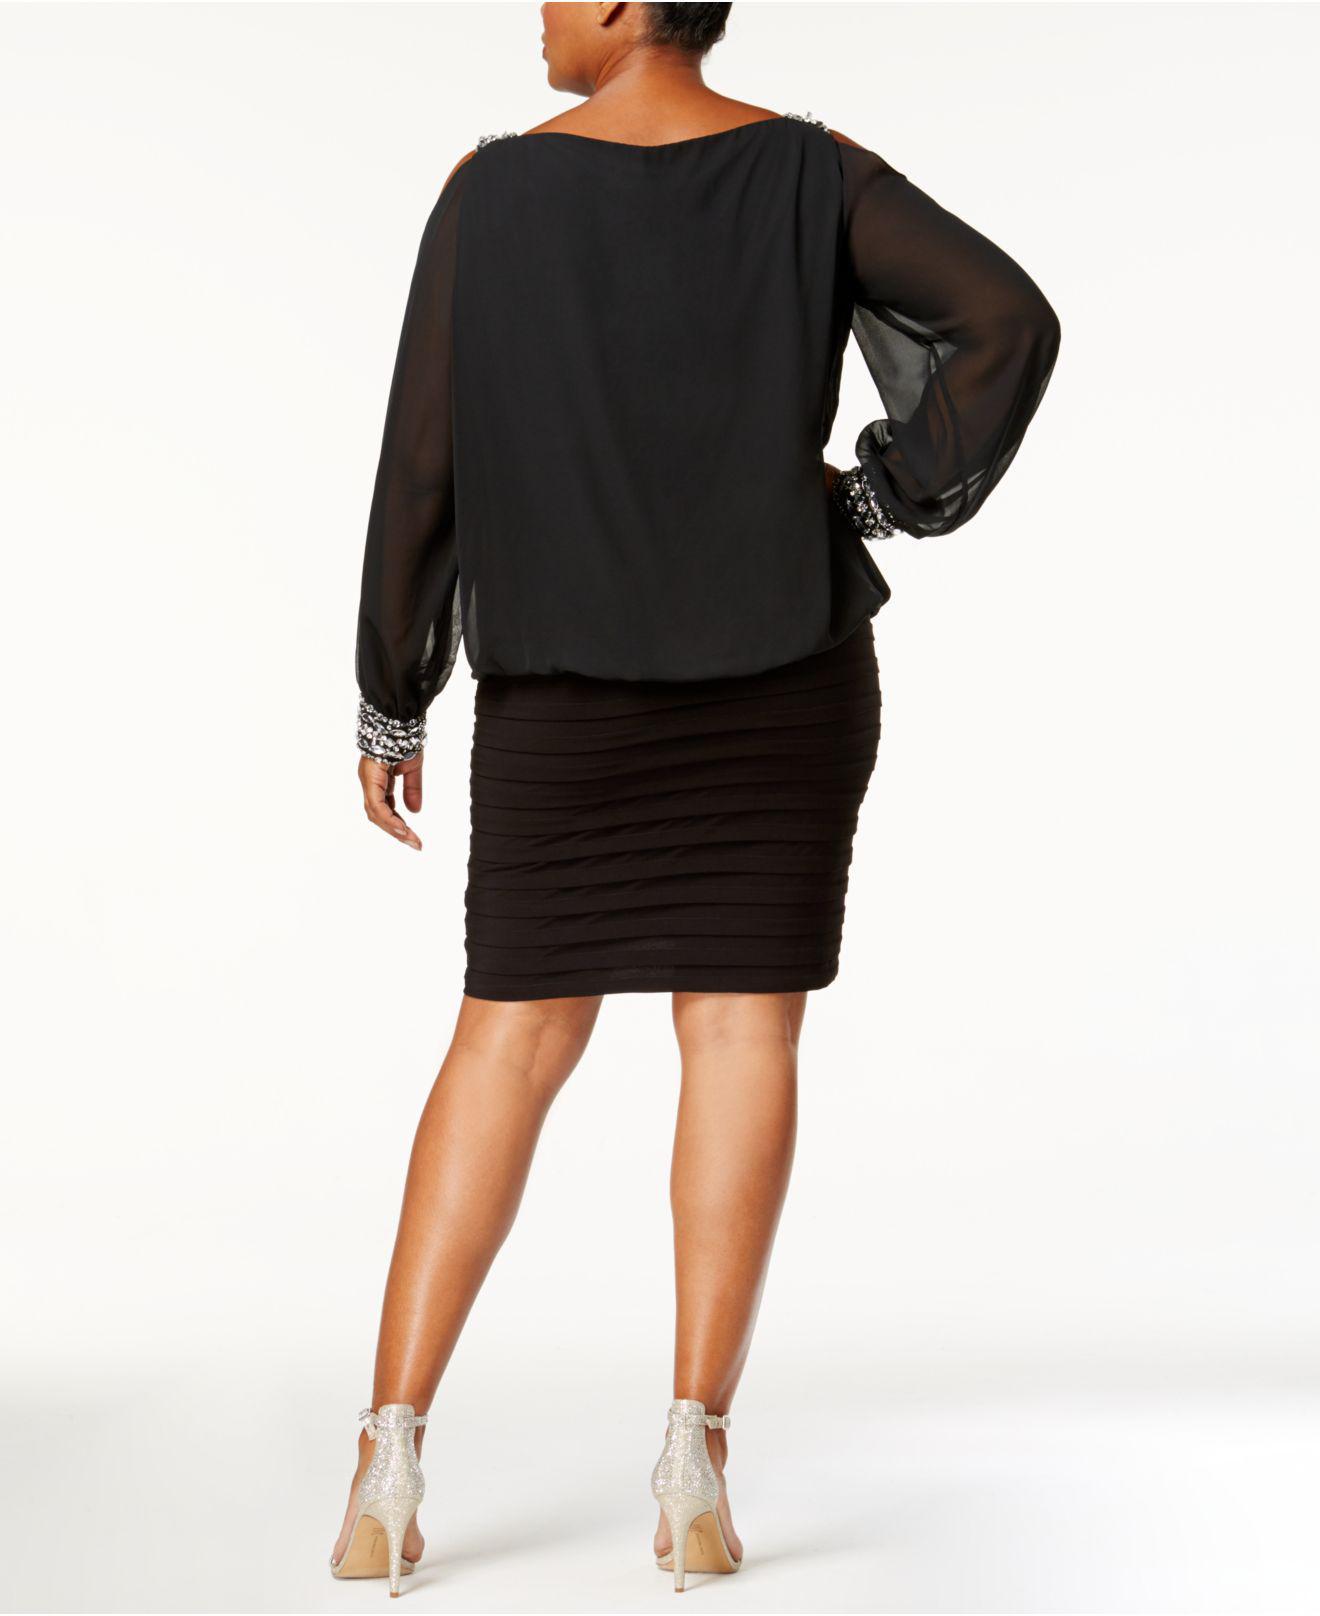 49bd09c5dc2 Lyst - Betsy   Adam Plus Size Cold-shoulder Embellished Blouson Dress in  Black